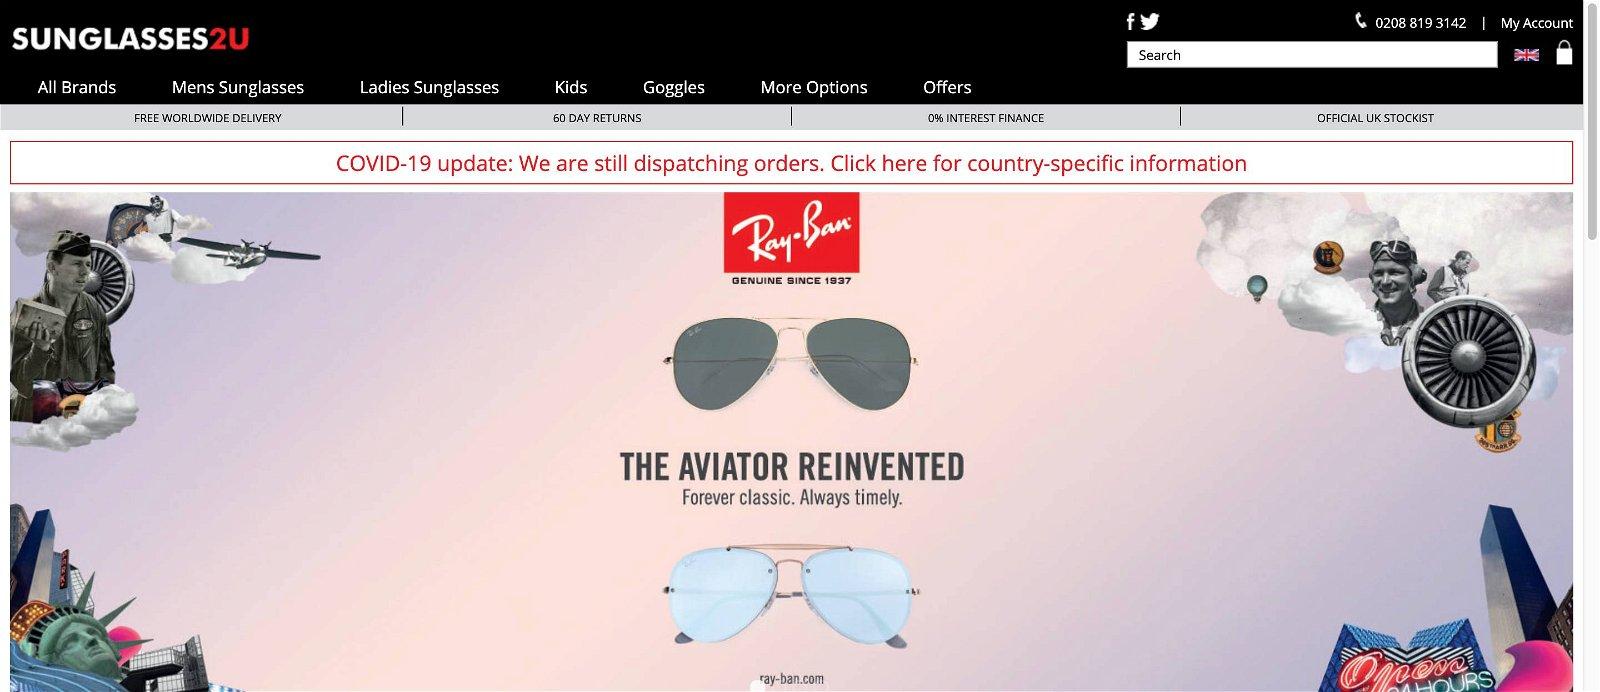 Sunglasses2u.com 1